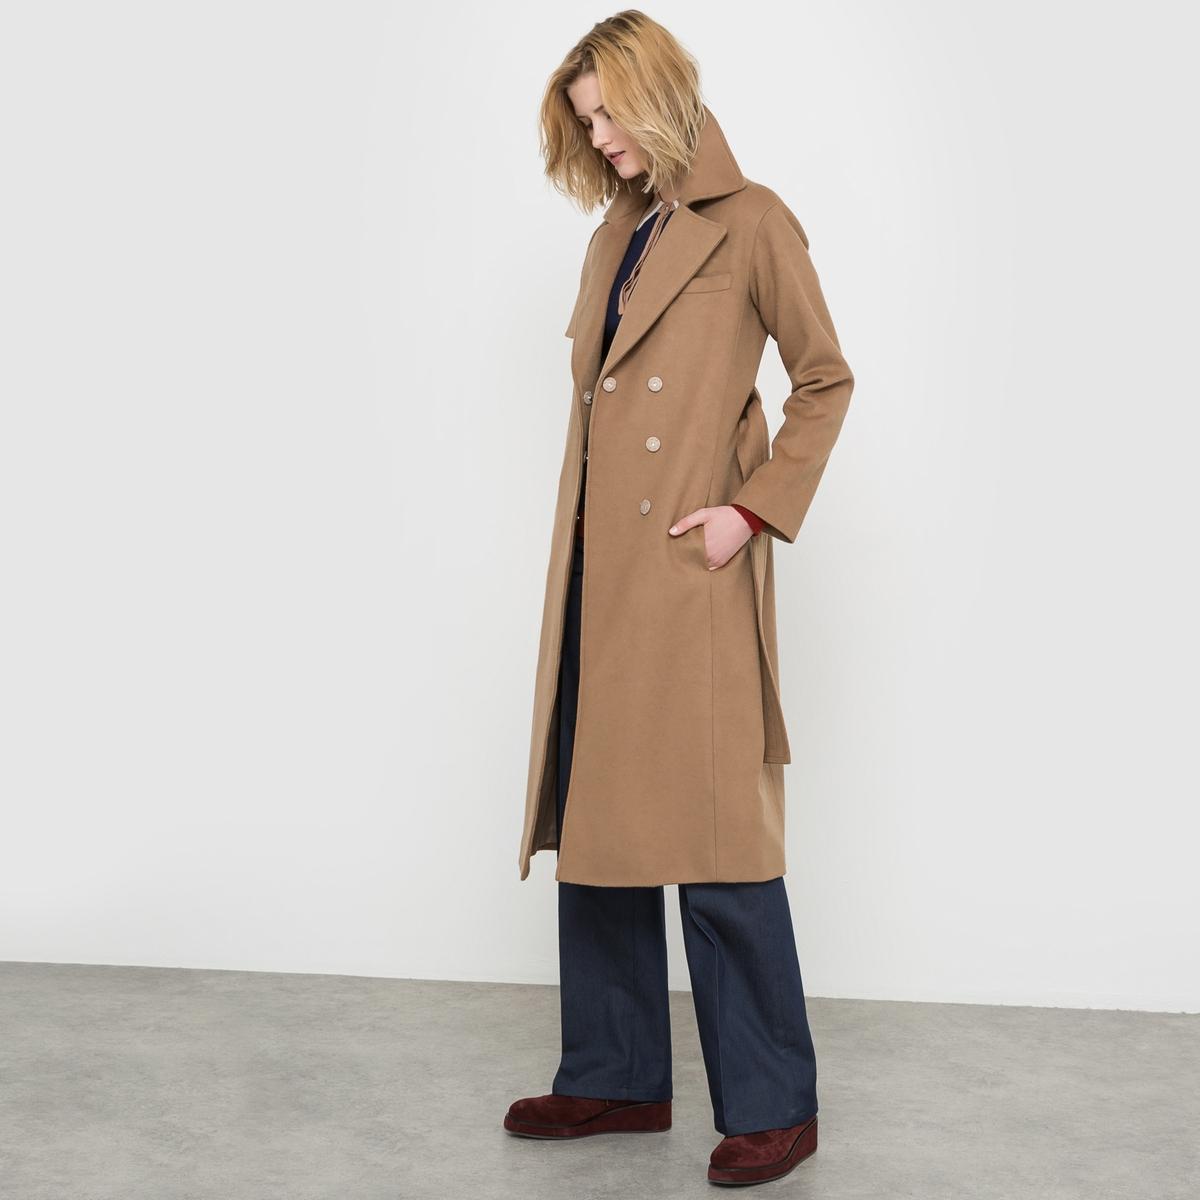 Пальто длинное из шерстяного драпа, 63% шерсти драповое длинное пальто из шерсти claudius